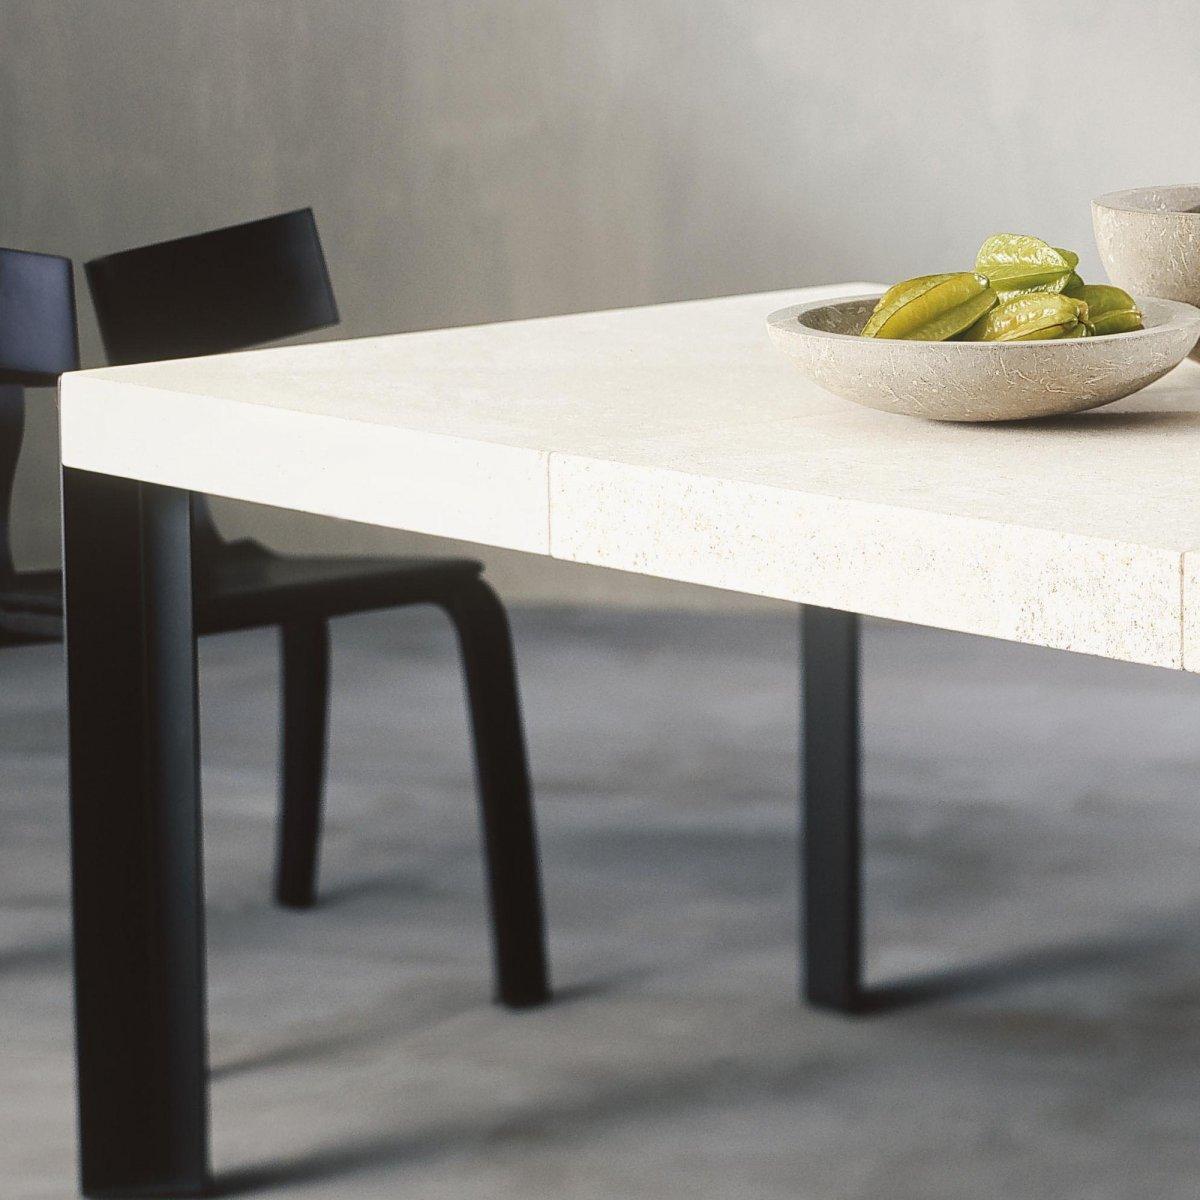 Tavoli In Pietra Per Interni.Ldm Laboratorio Del Marmo Tavolo Modulo Rettangolare Pietra 200 X